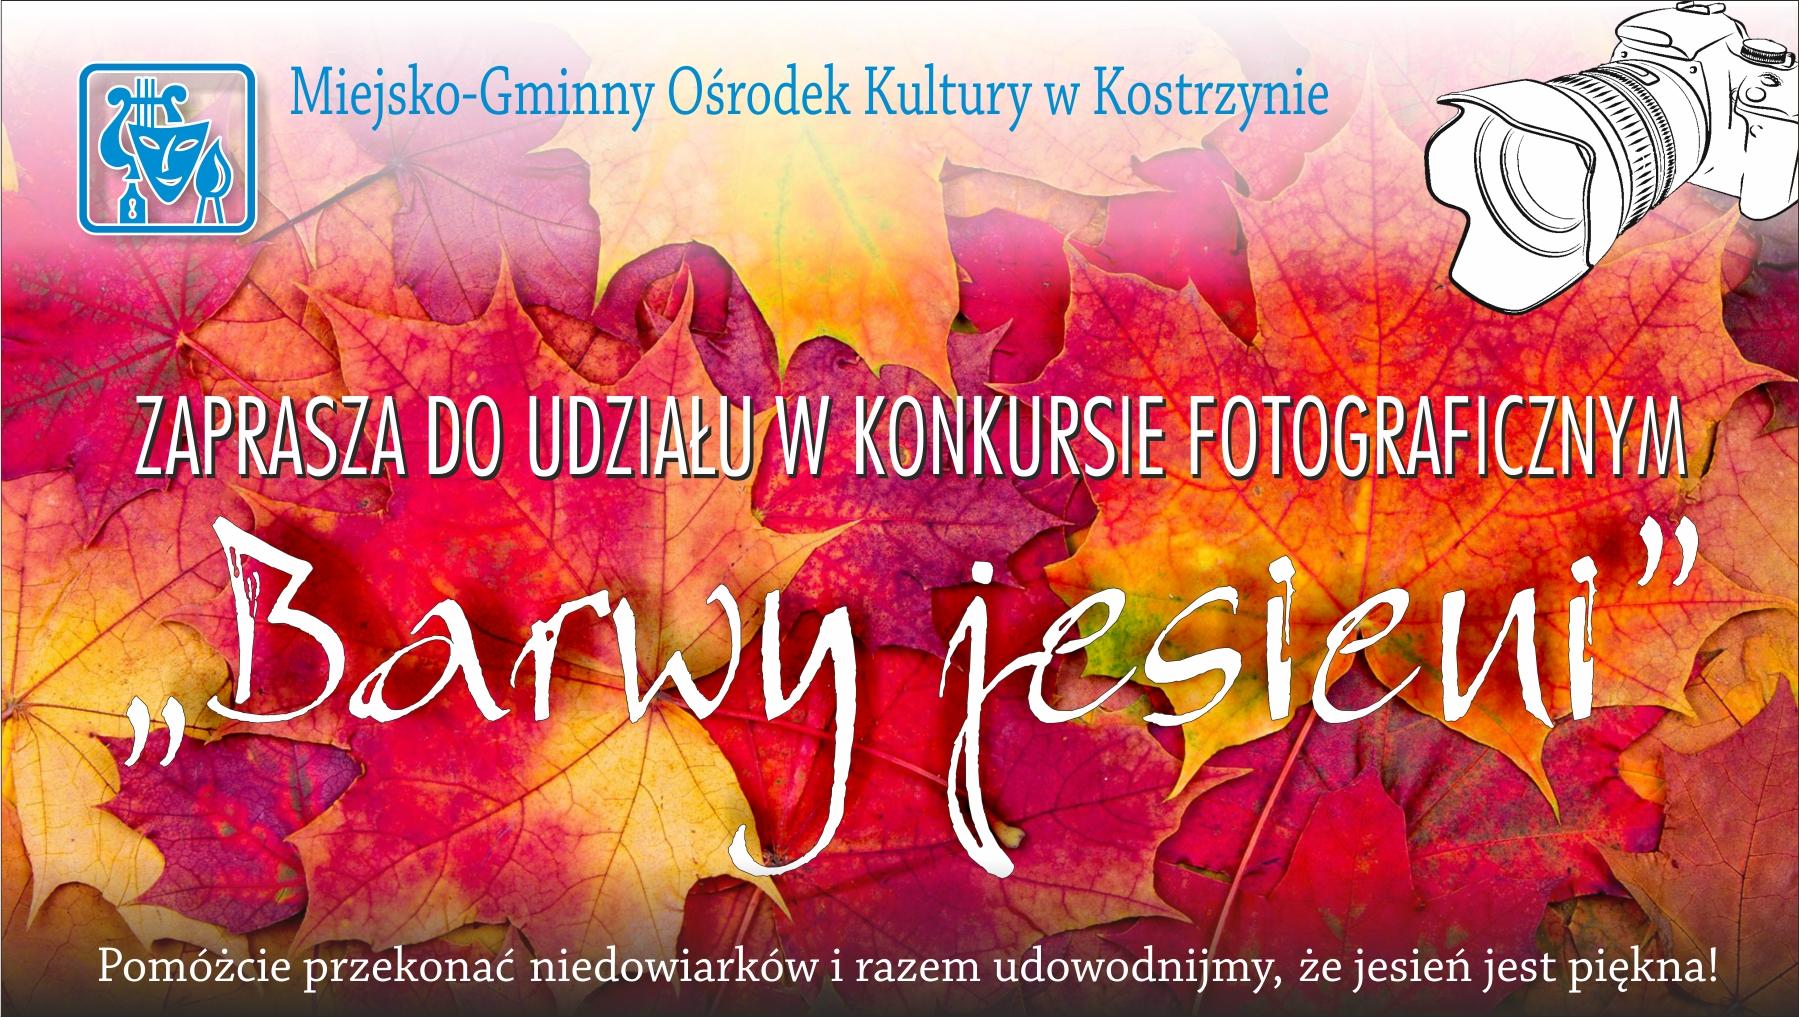 """Na plakacie napis zapraszamy do udziału w konkursie fotograficznym """"Barwy jesieni"""" umieszczony na tle liści"""